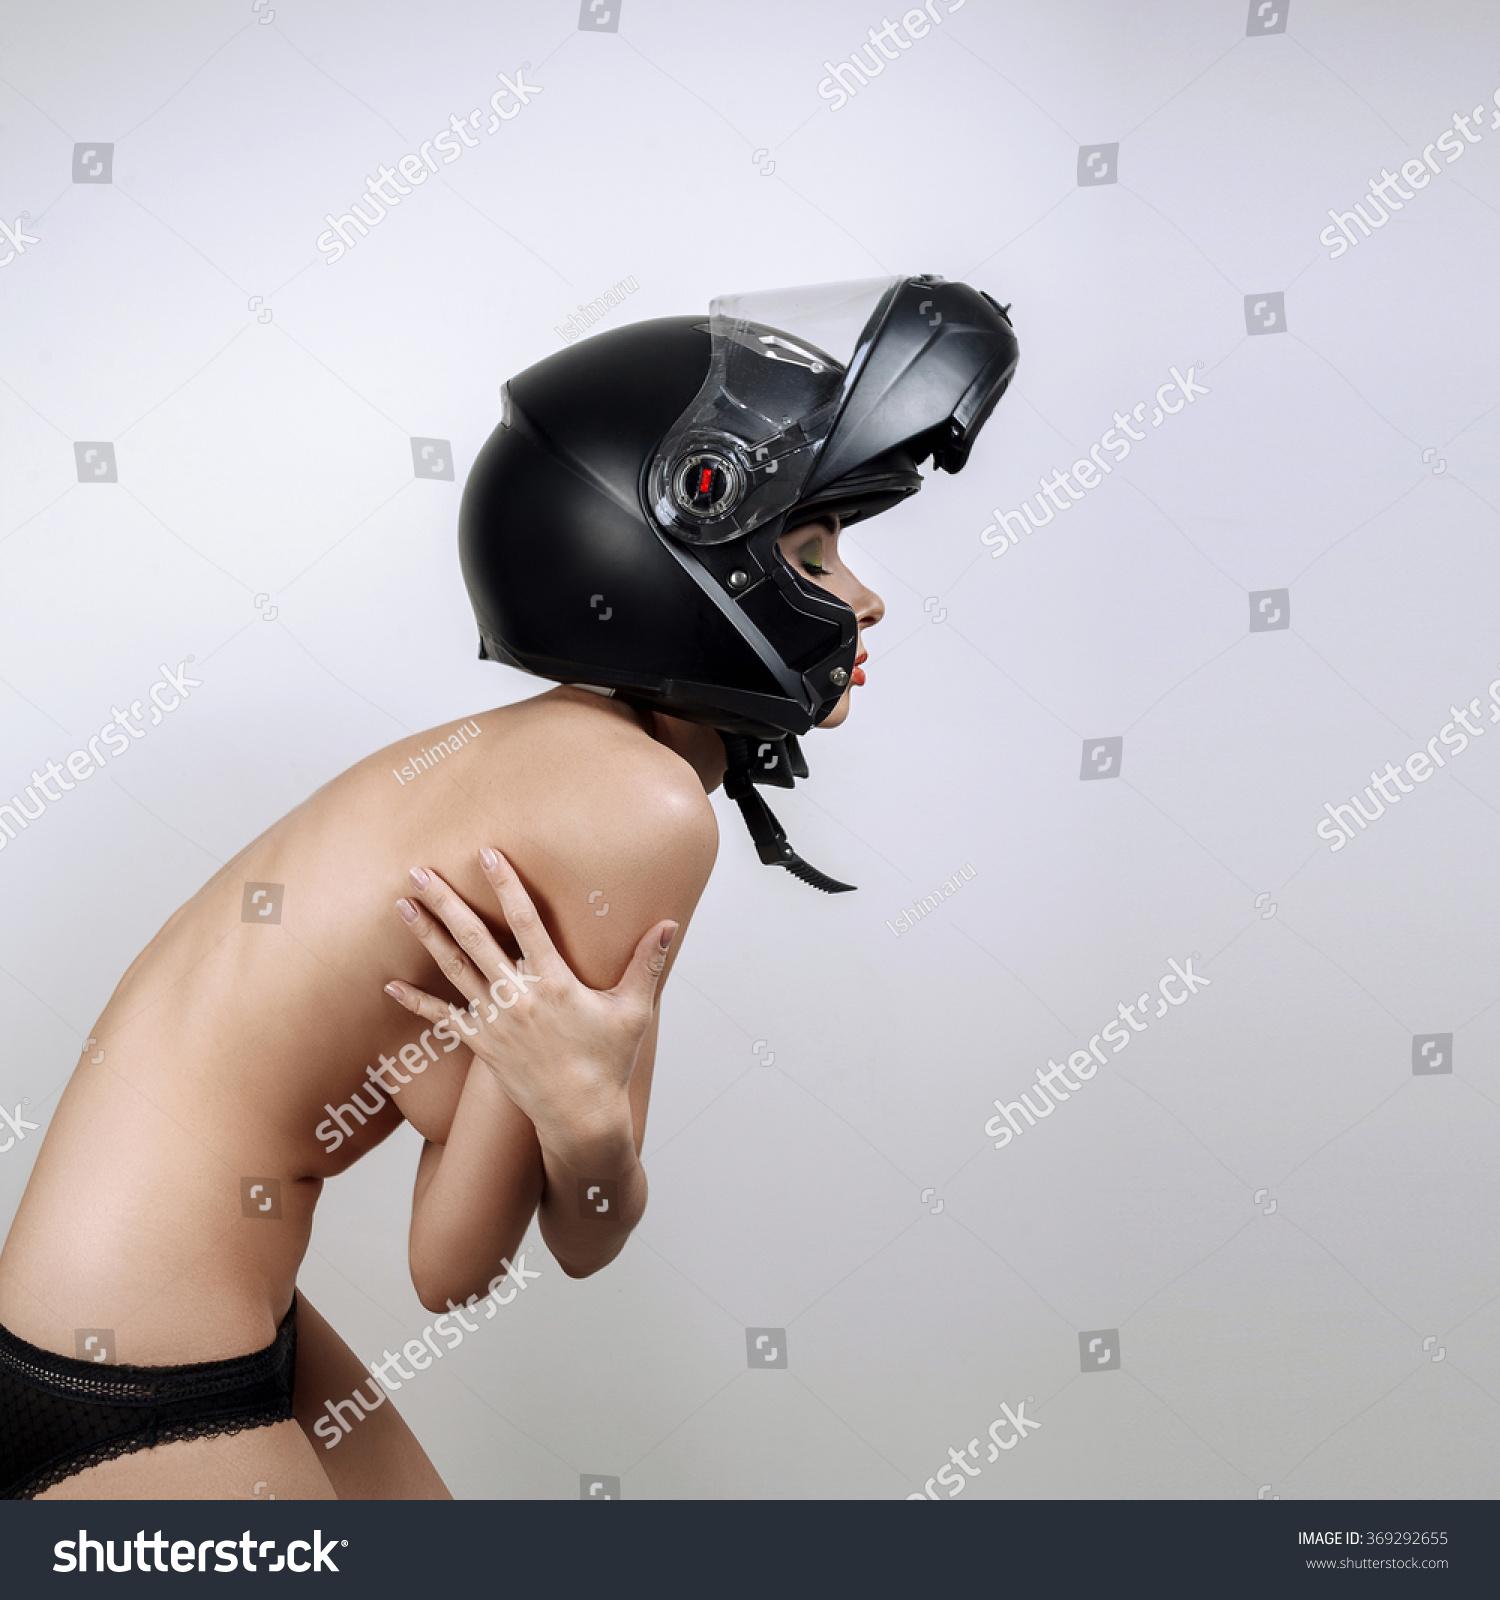 Something Naked lady on motorcycle saddle